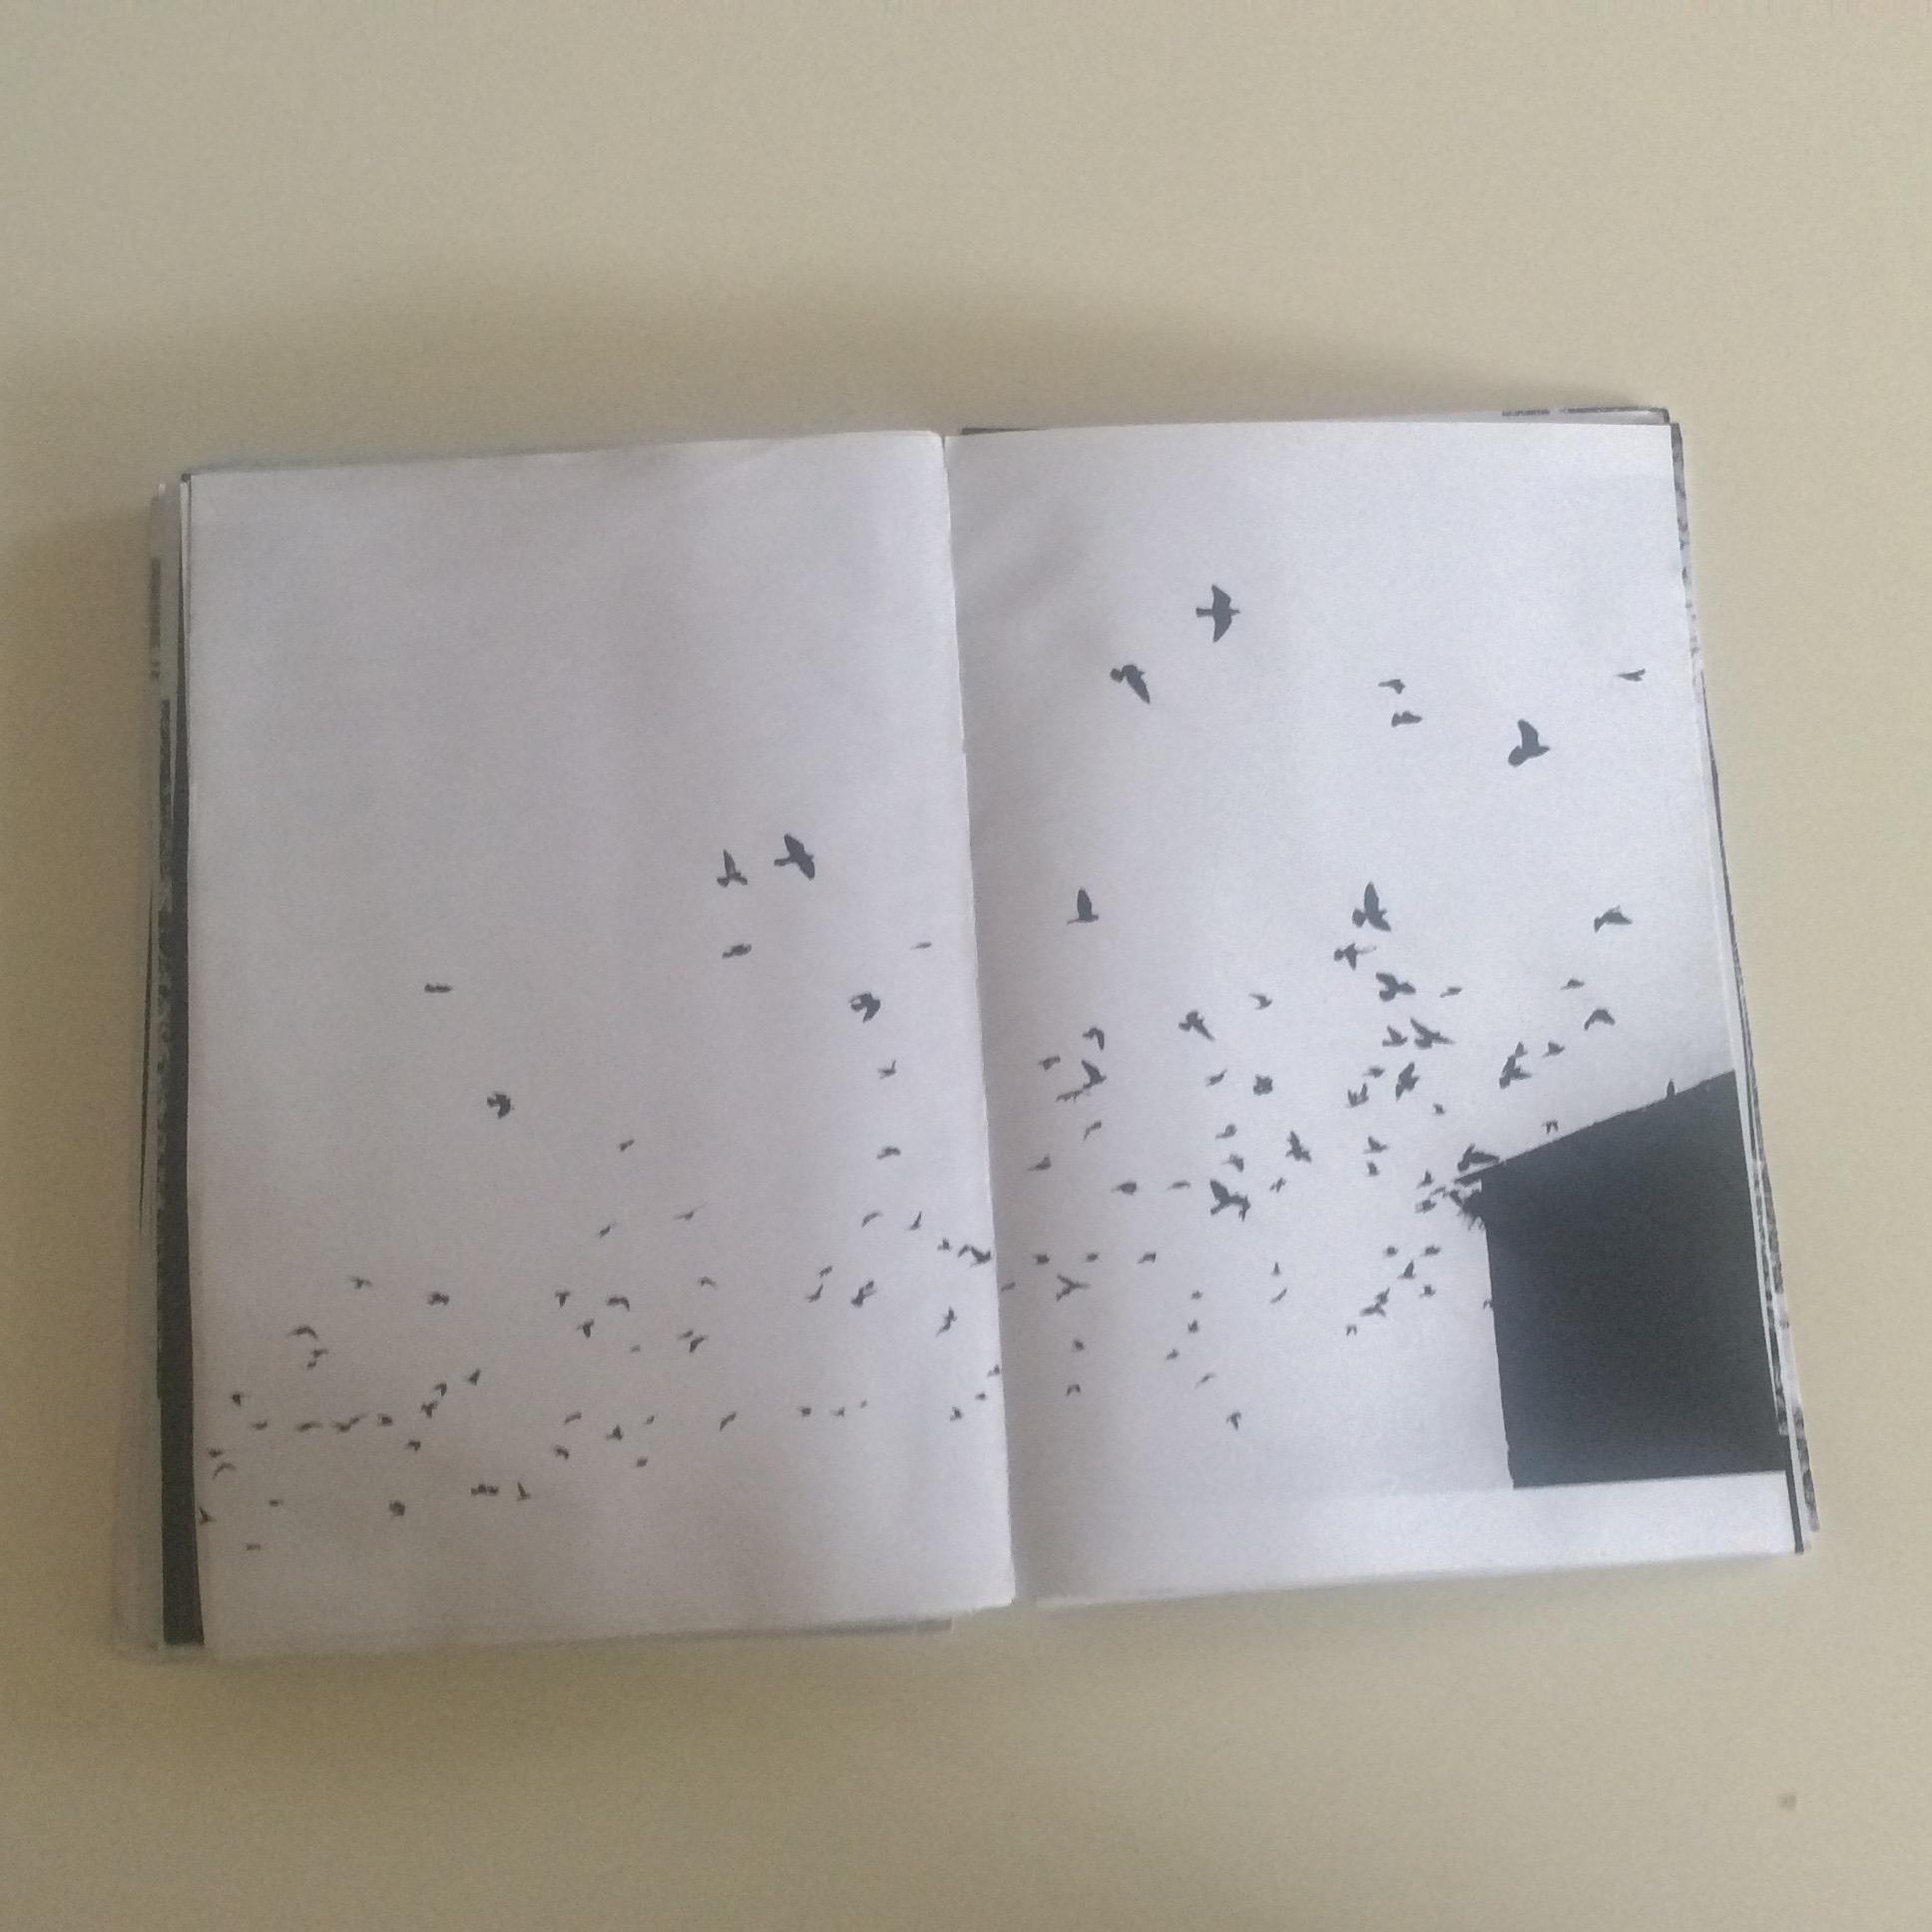 Photographies Sabrina Karp-dessin du livre Claire Jolin-les editions orange claireIMG_1490